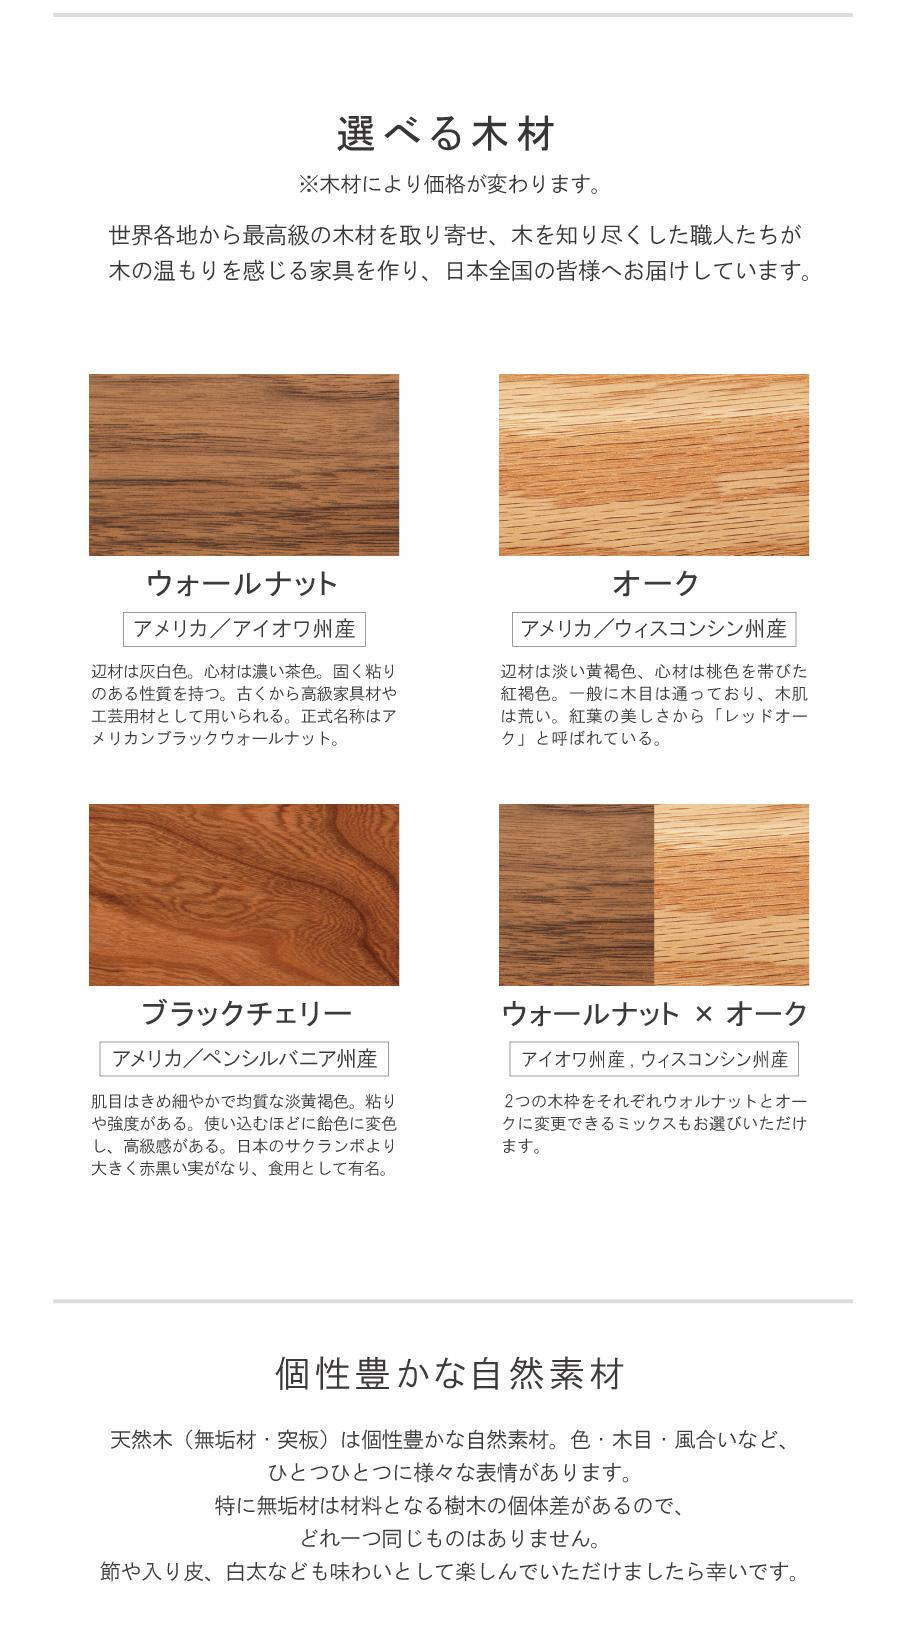 選べる木材